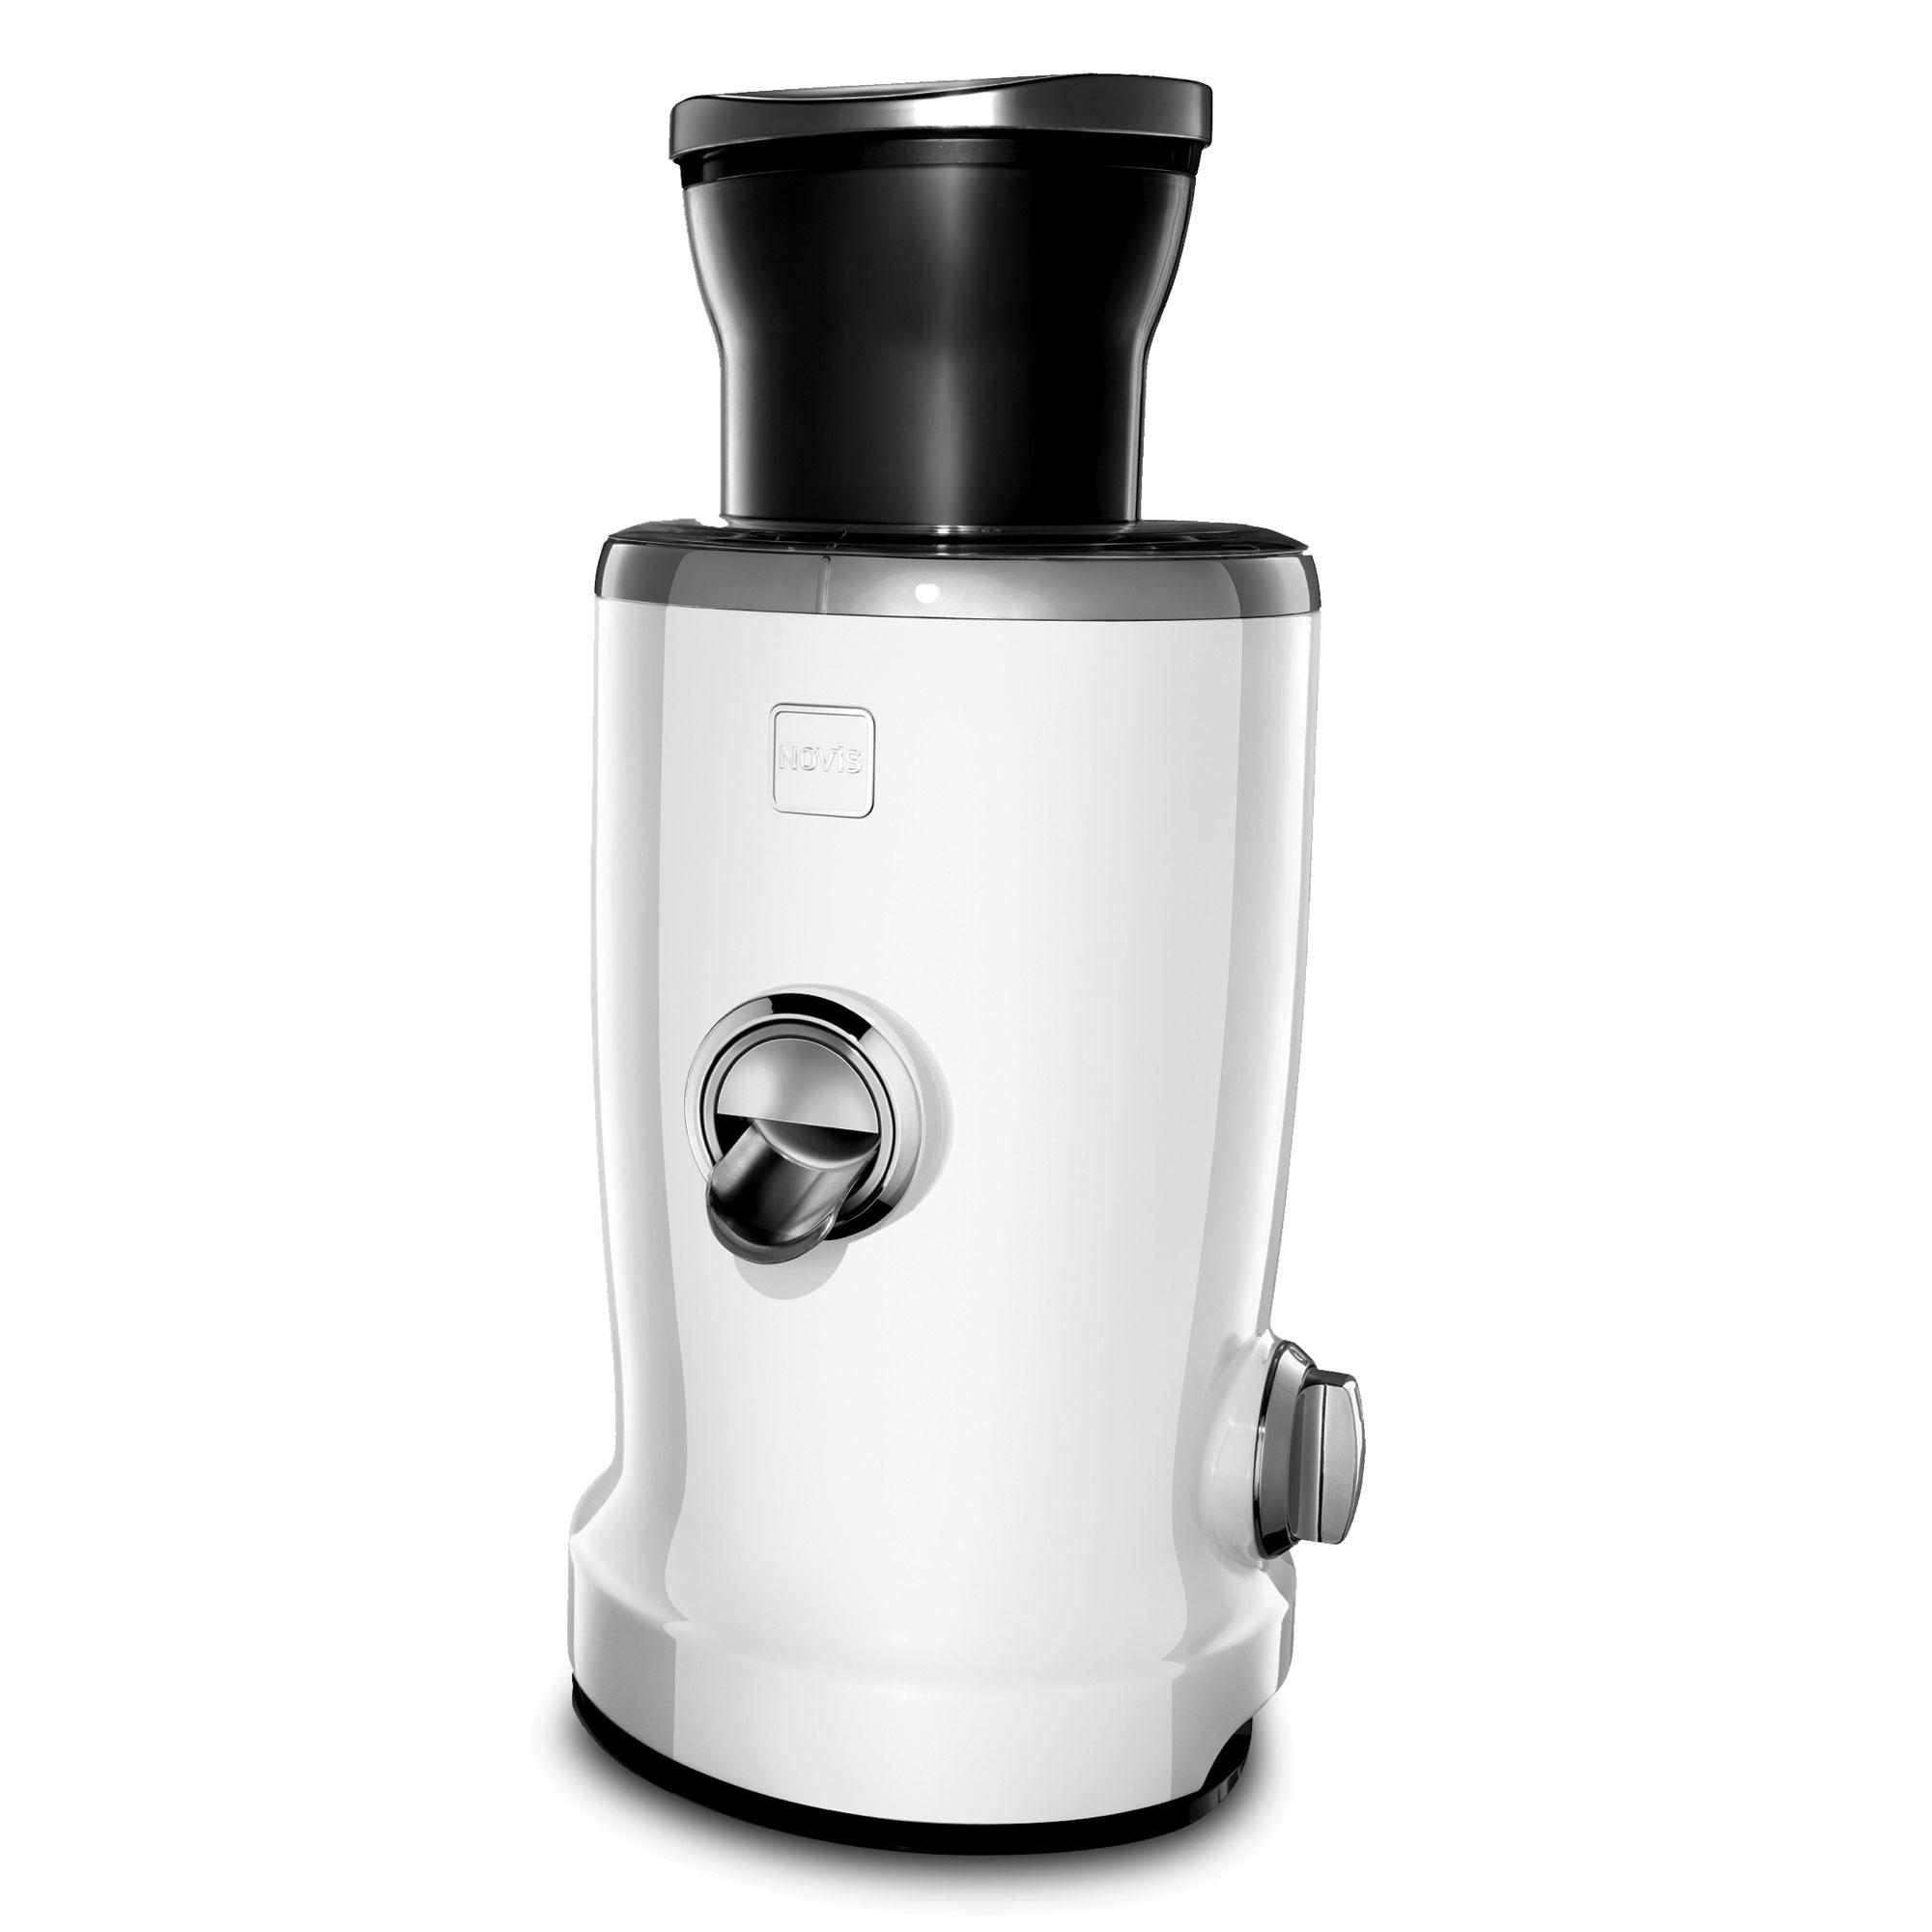 novis vita juicer white cutlery and more. Black Bedroom Furniture Sets. Home Design Ideas